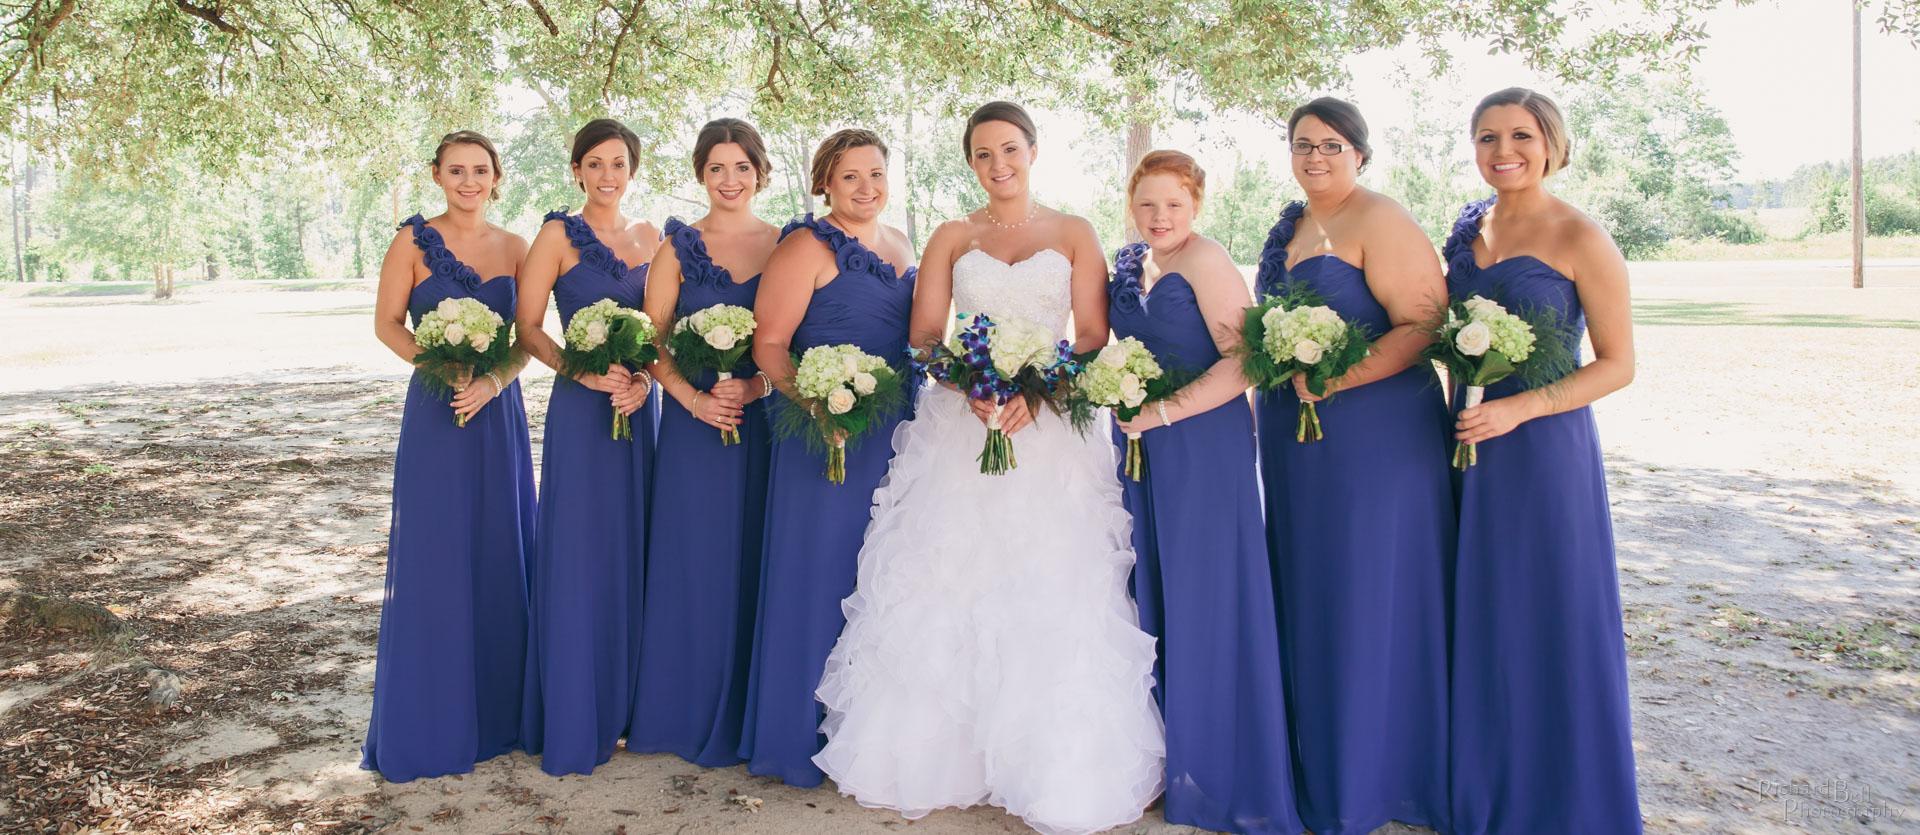 Ashlyn and Bridesmaids